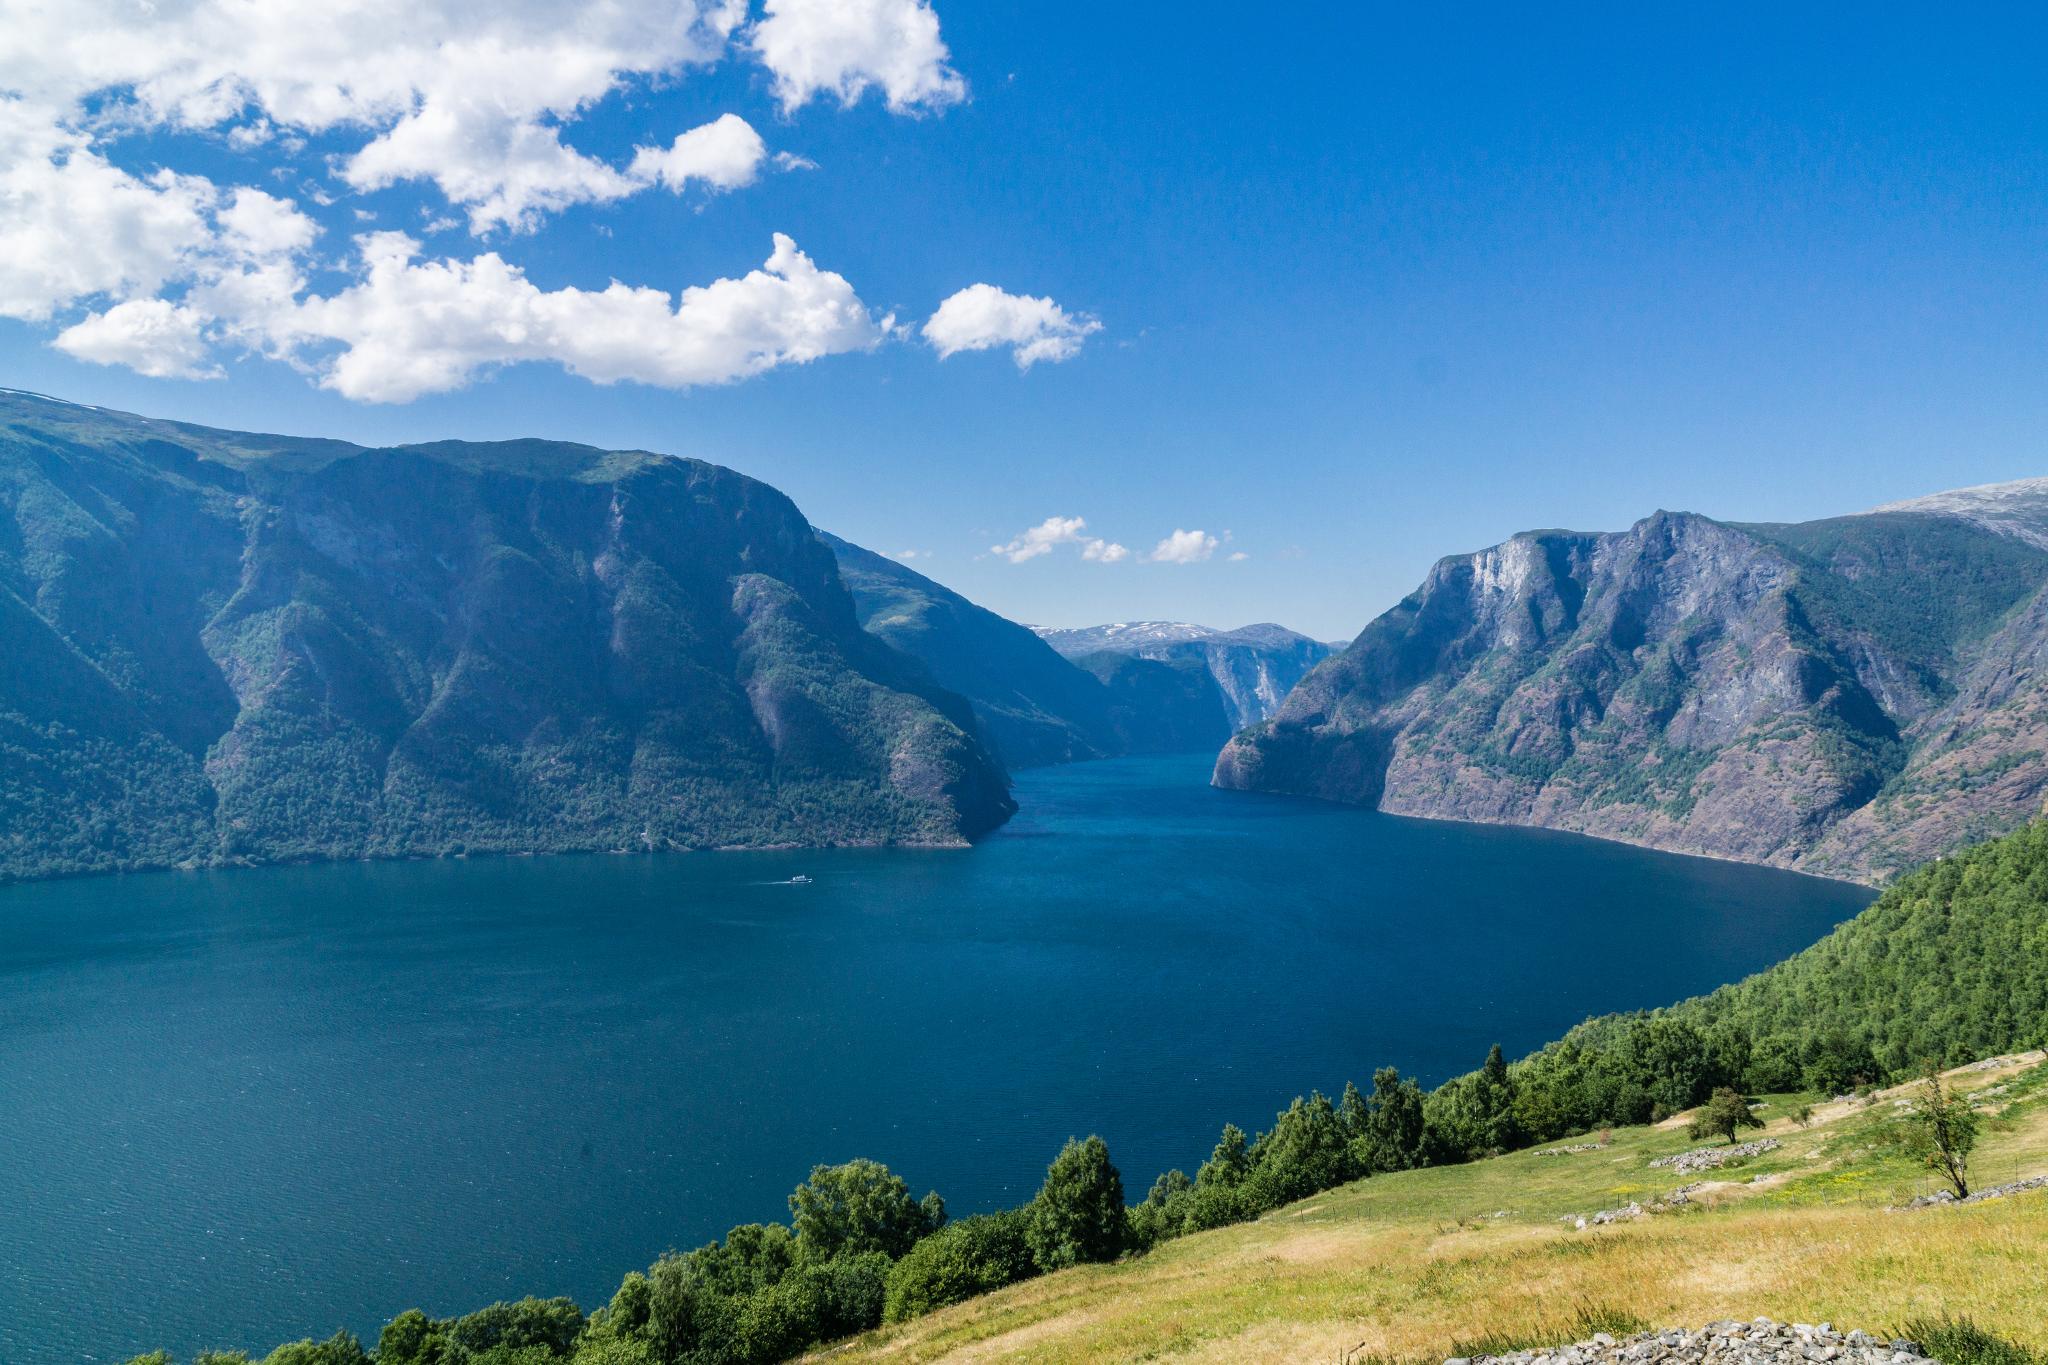 【北歐景點】世界最美景觀公路 - 俯瞰挪威松恩峽灣的 Fv243 雪之路 (Aurlandsfjellet) 35